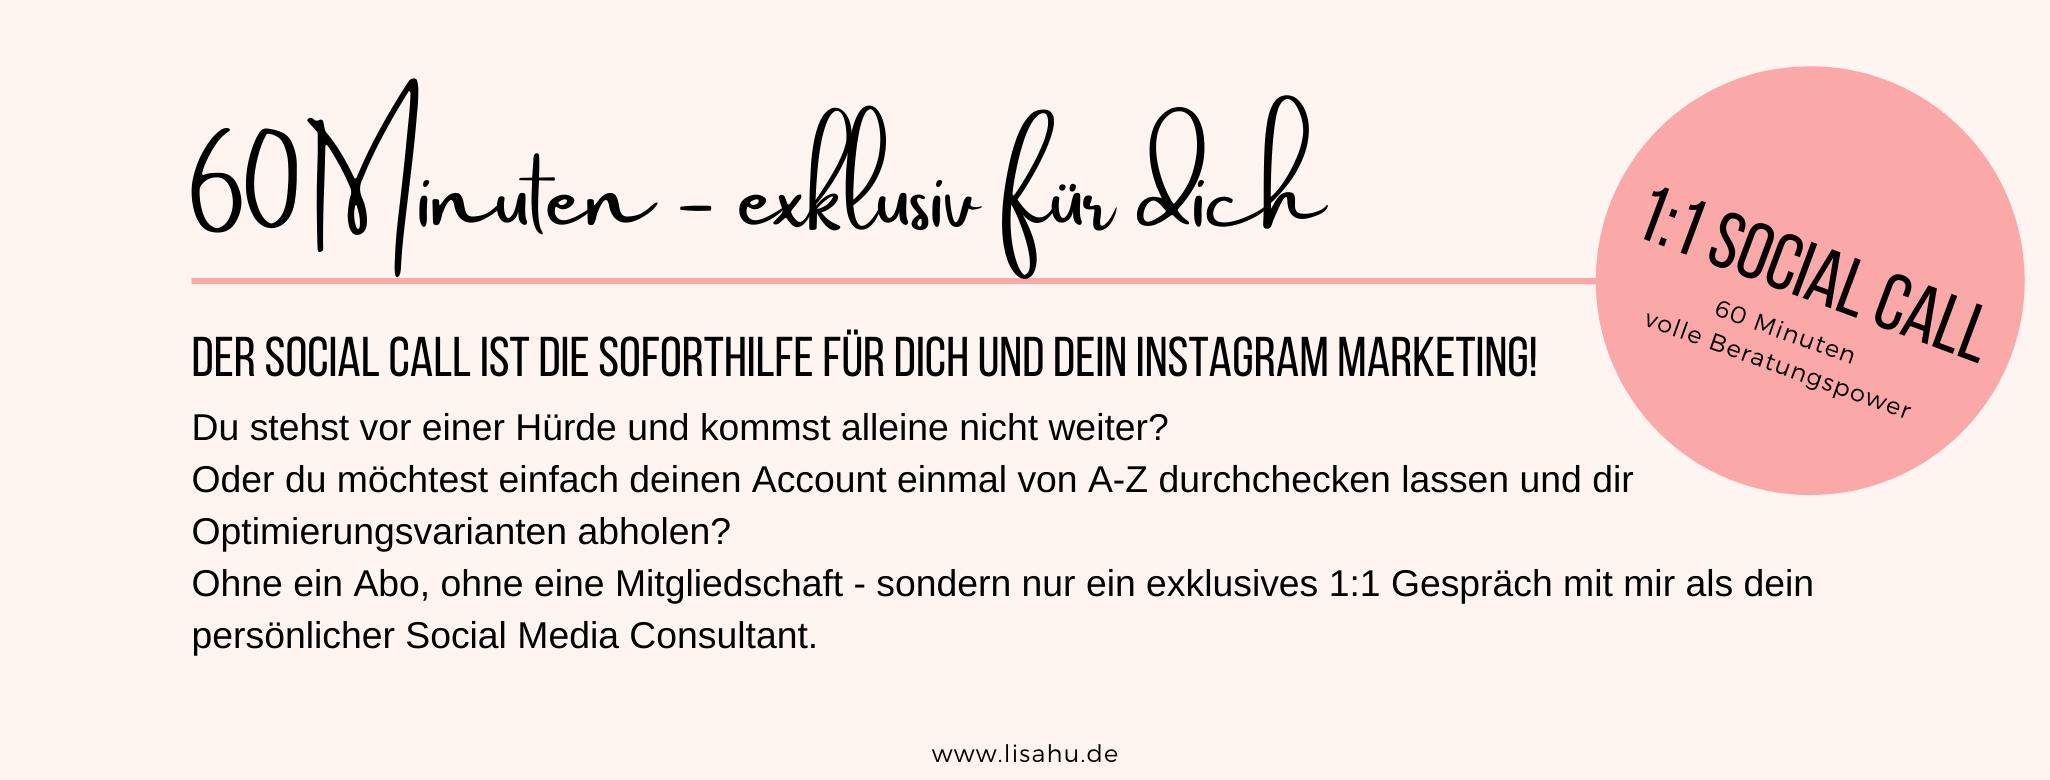 Social Call für deine Soforthilfe für Instagram